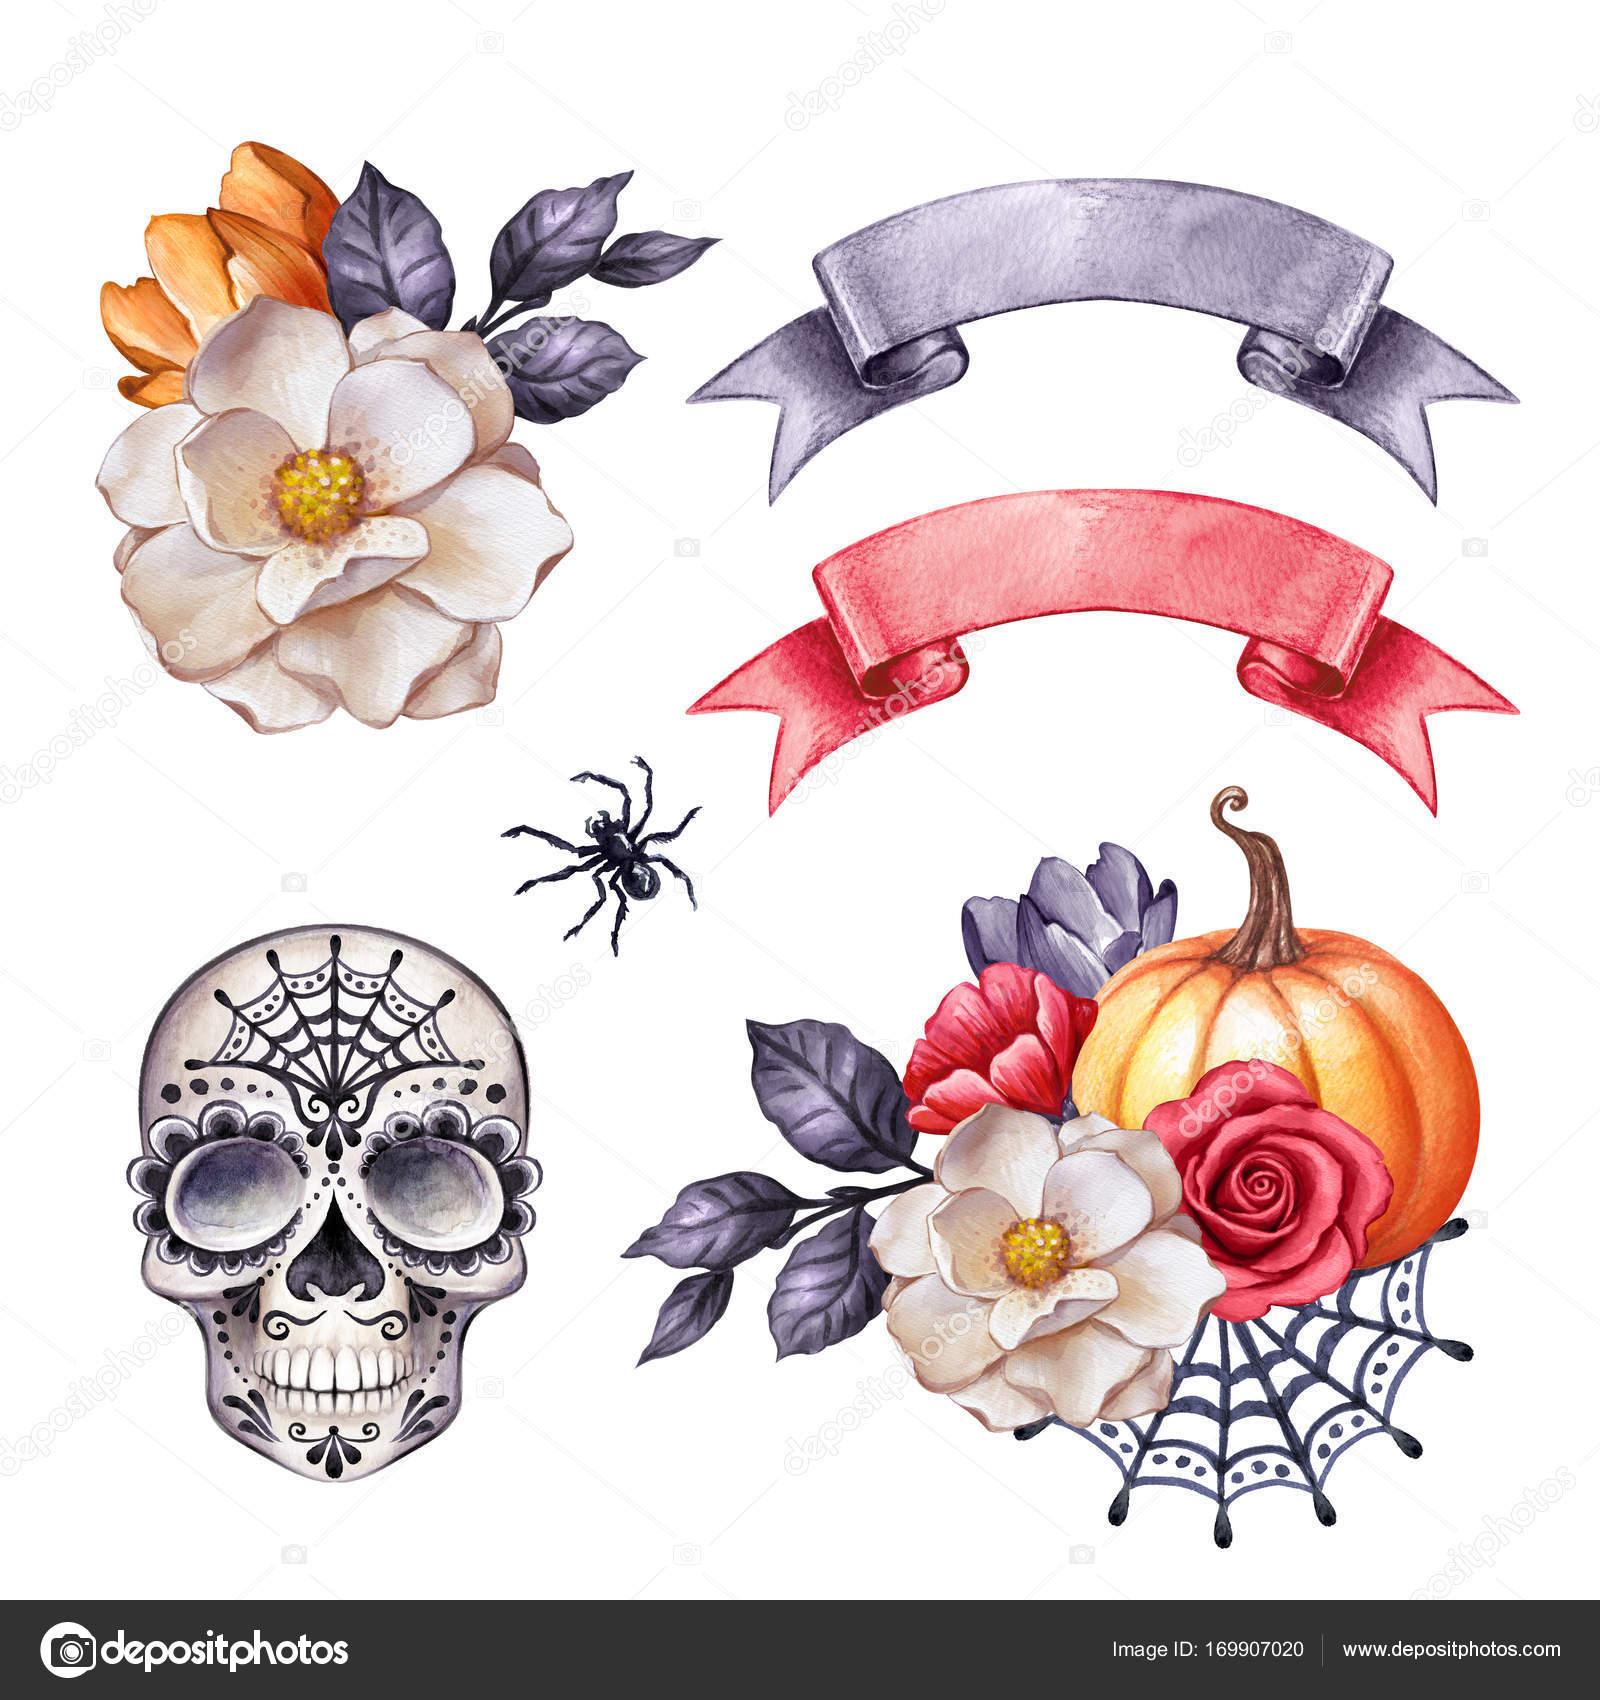 水彩イラスト、ハロウィーン クリップアート、秋のデザイン要素、頭蓋骨